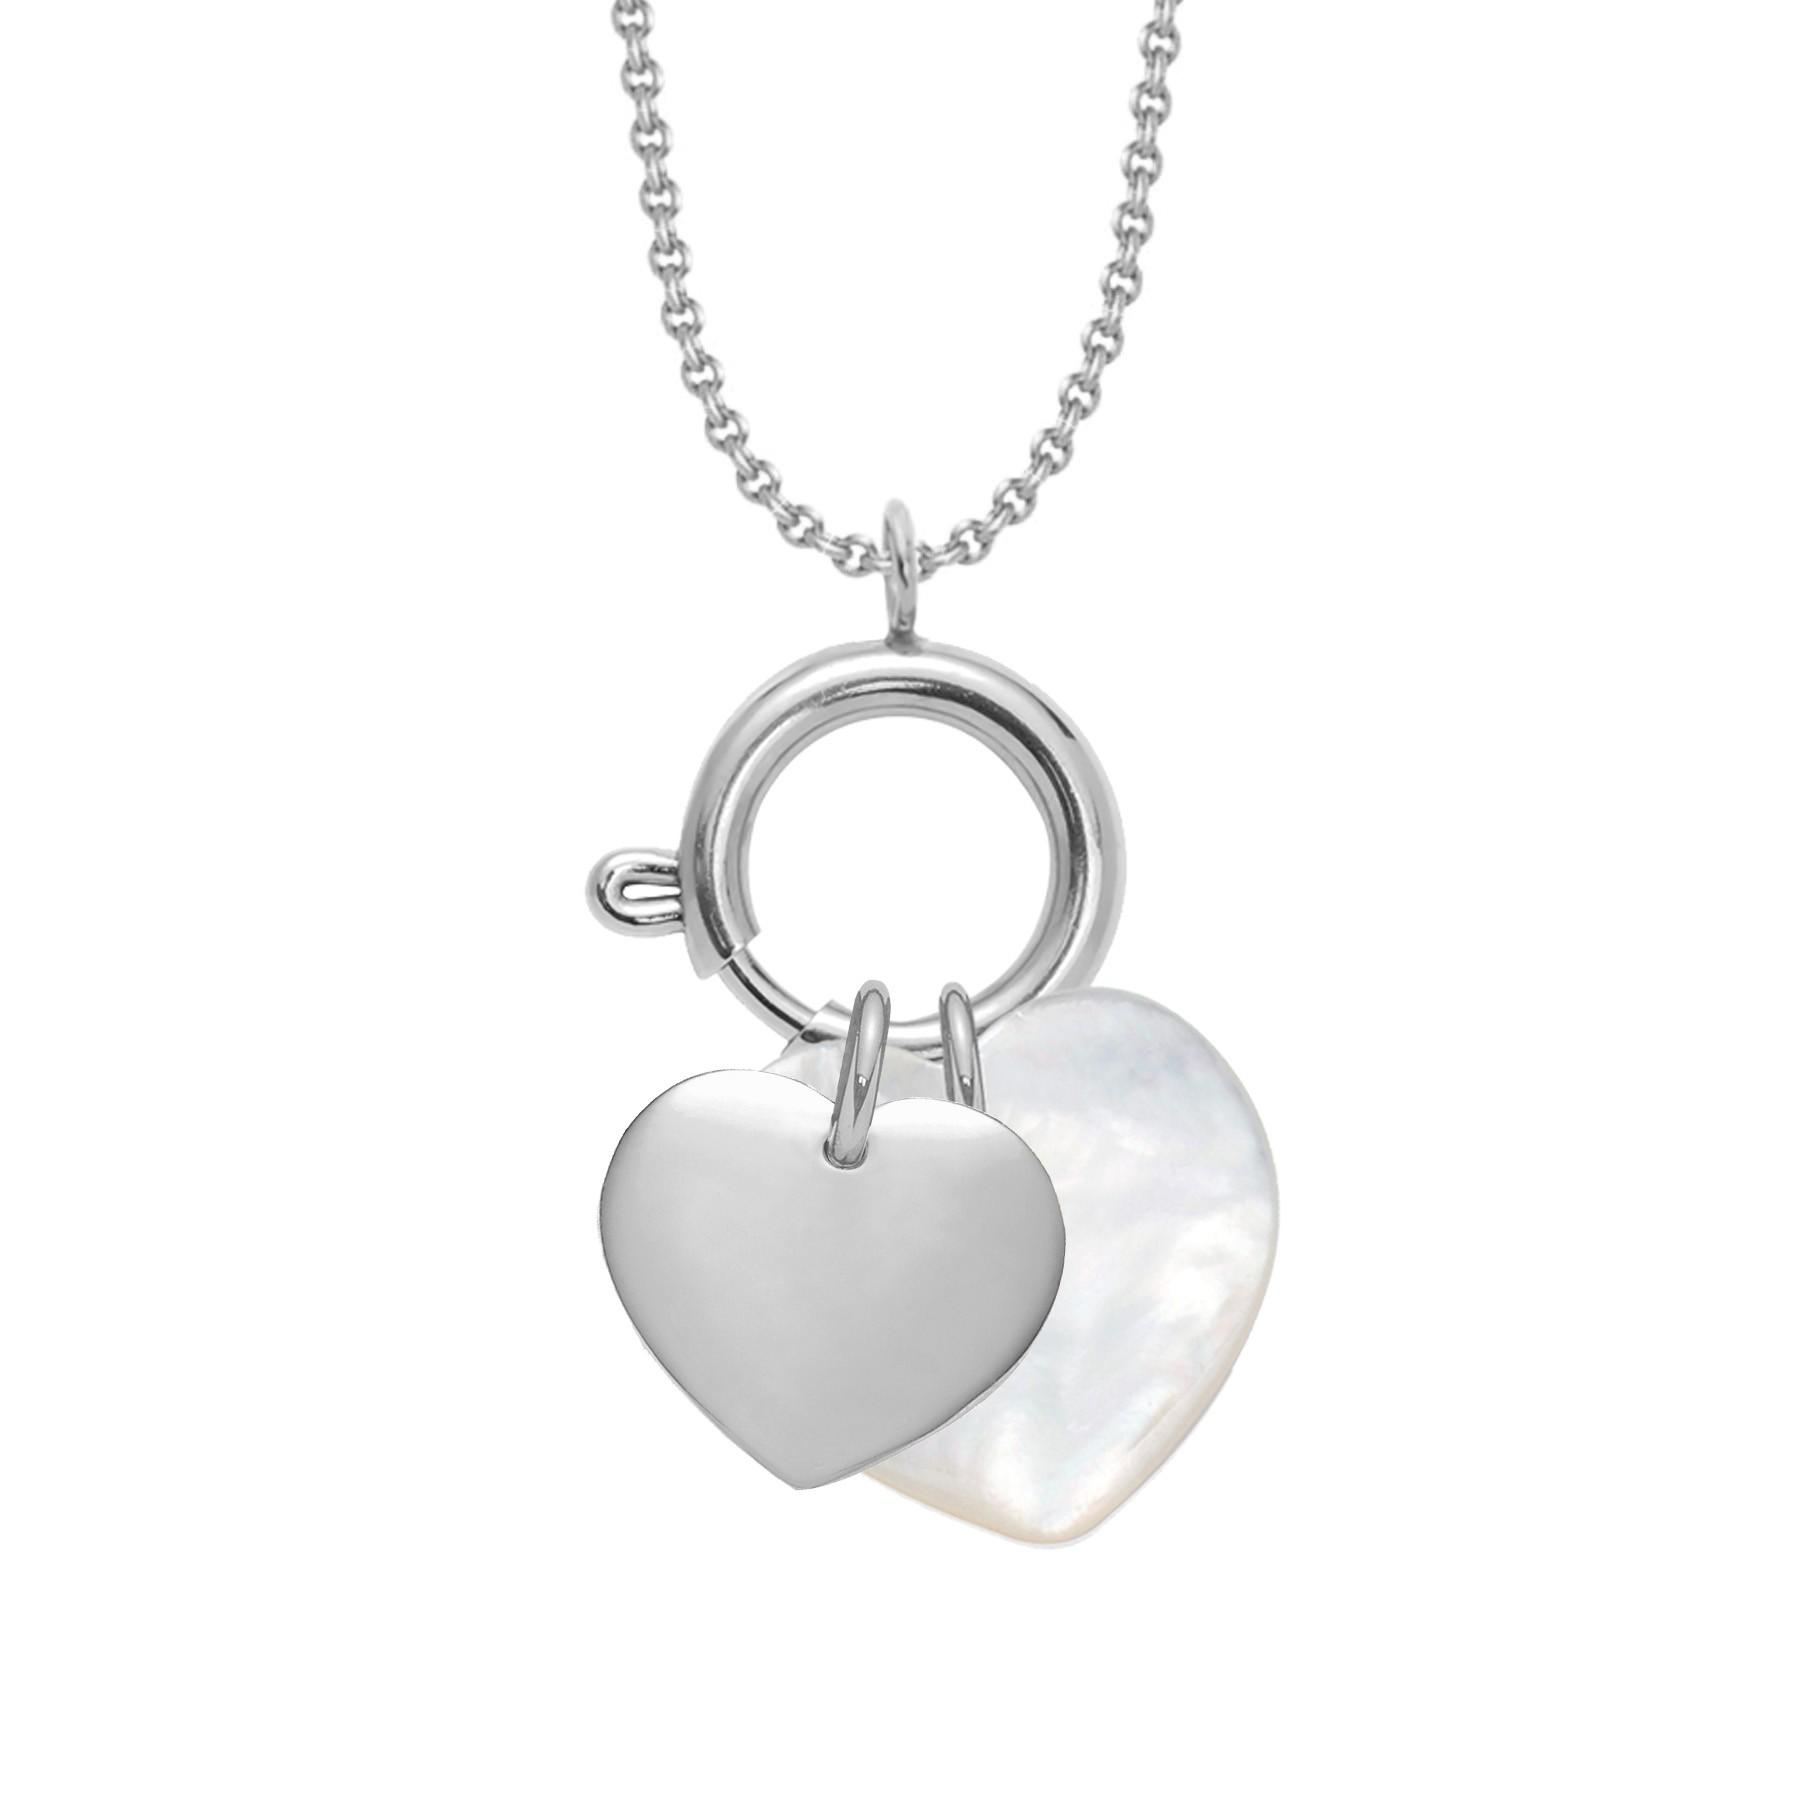 UN COLLIER-FERMOIR BIJOU, un cœur en argent et un cœur en nacre